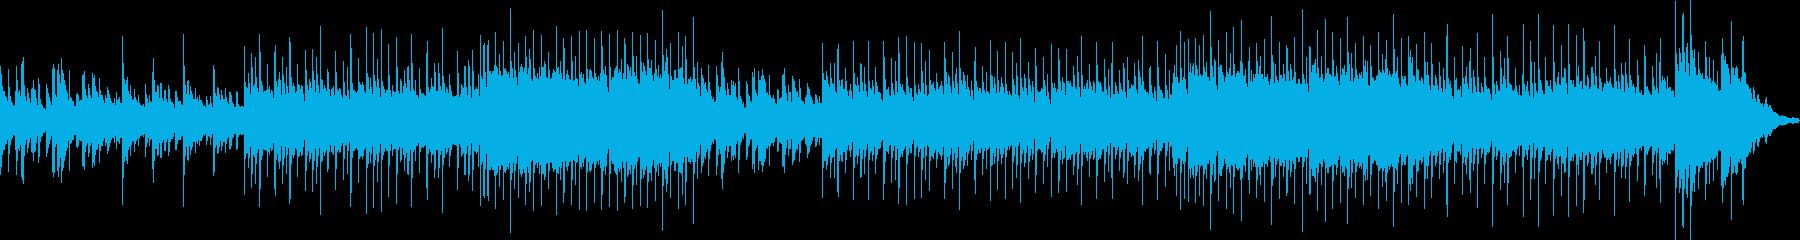 スローリチャードクレイダーマンスタイルの再生済みの波形